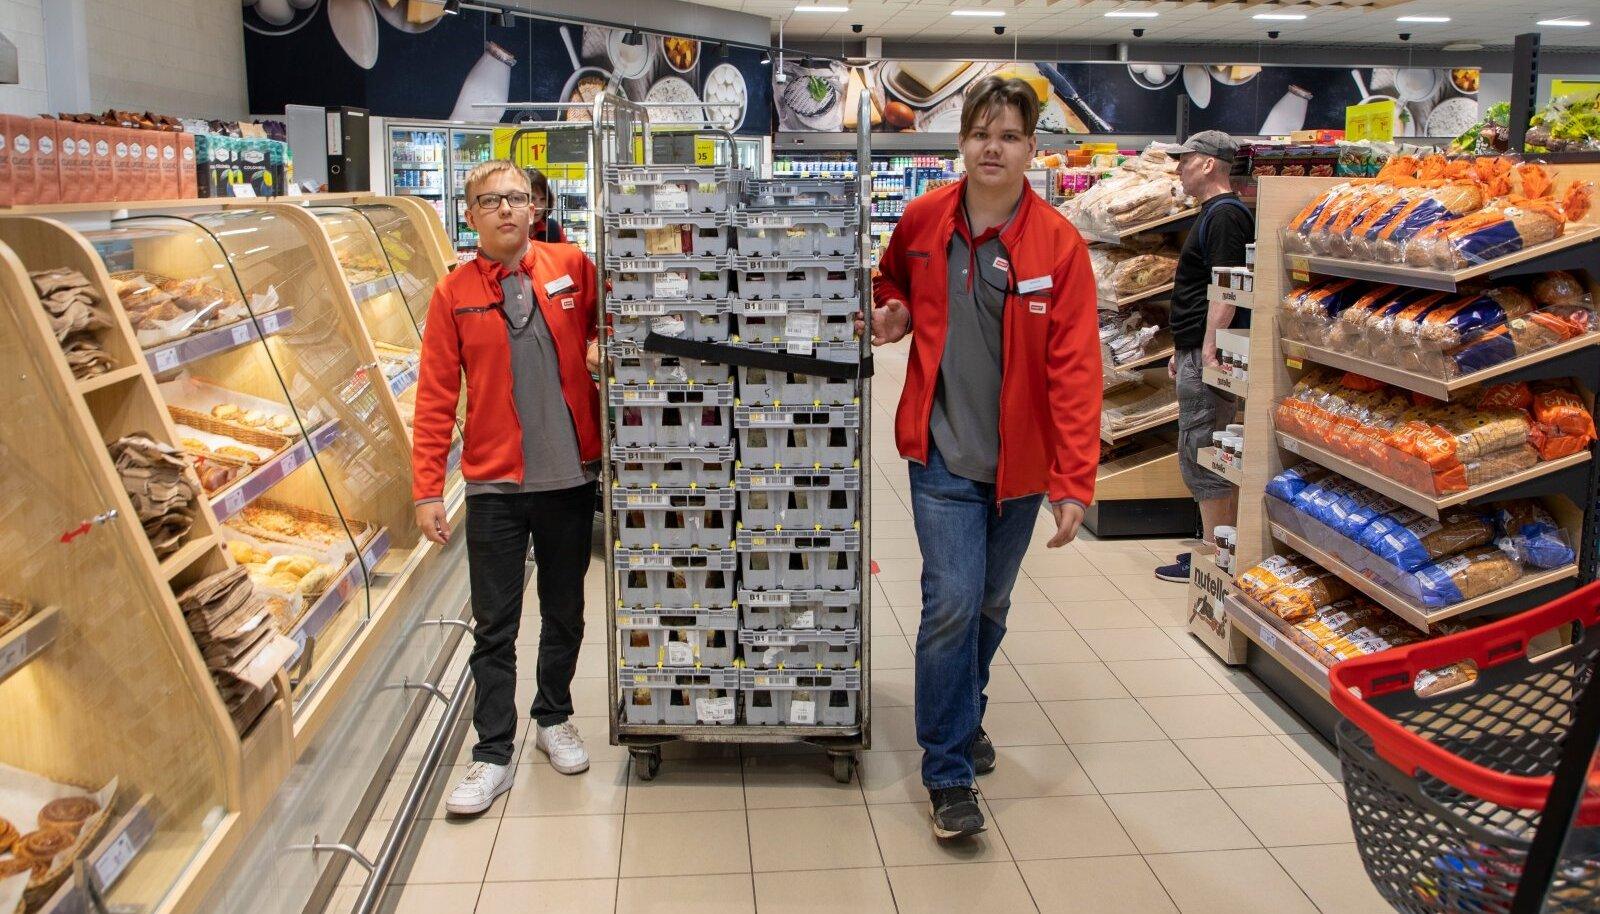 Tanel Purv ja Sander Võsu leidsid suvetöö Tabasalu Rimis. Nad nendivad, et alaealisena on tööelu alustamine raske ja seetõttu oli palgast olulisemgi kogemuse saamine.